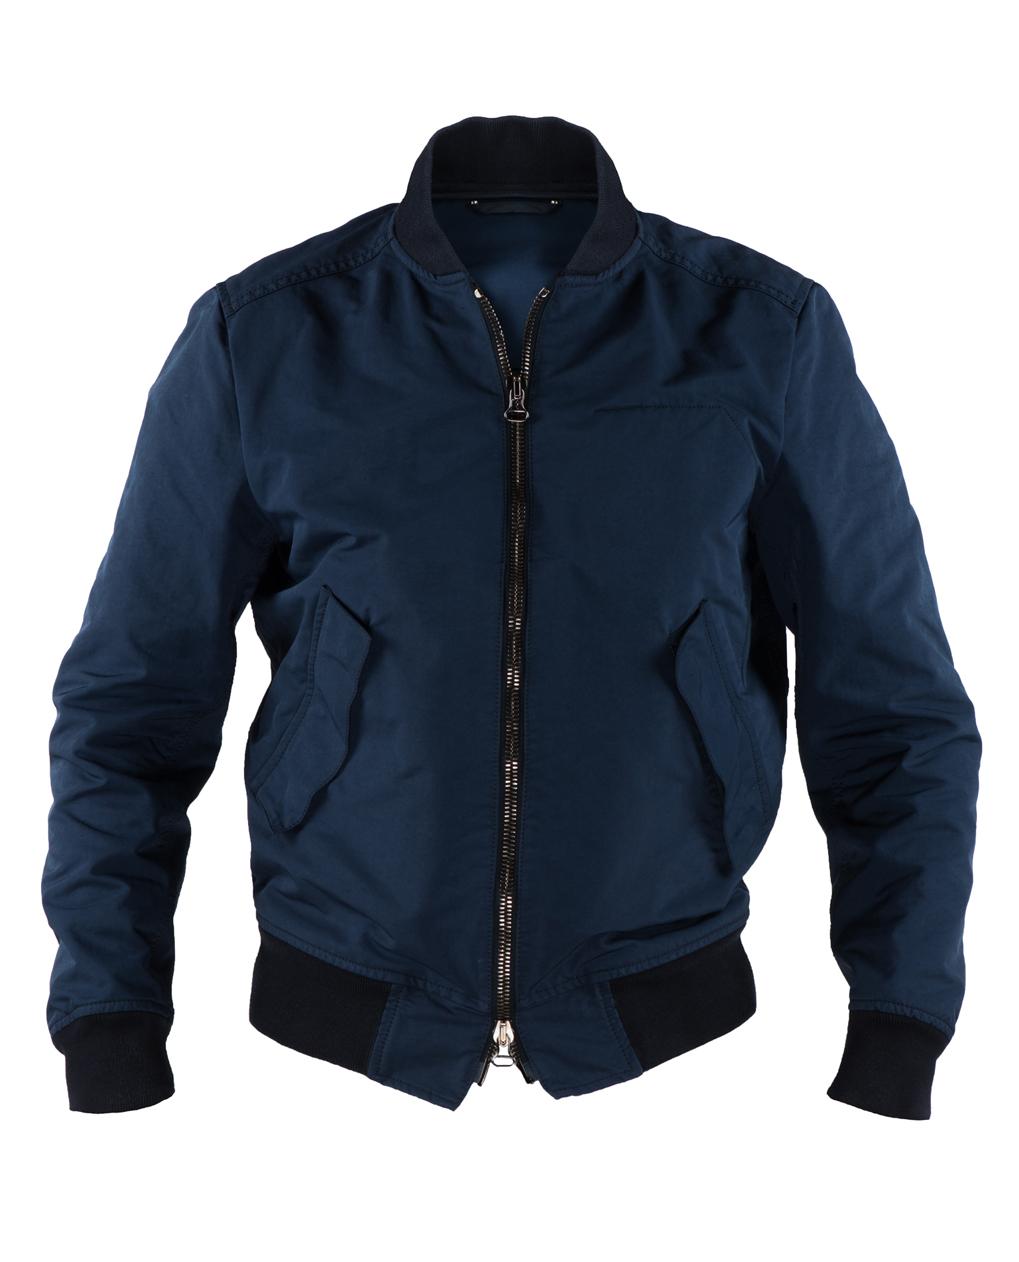 Mida-menswear-spring-summer-2017-harrington-jacket-SI20-navy